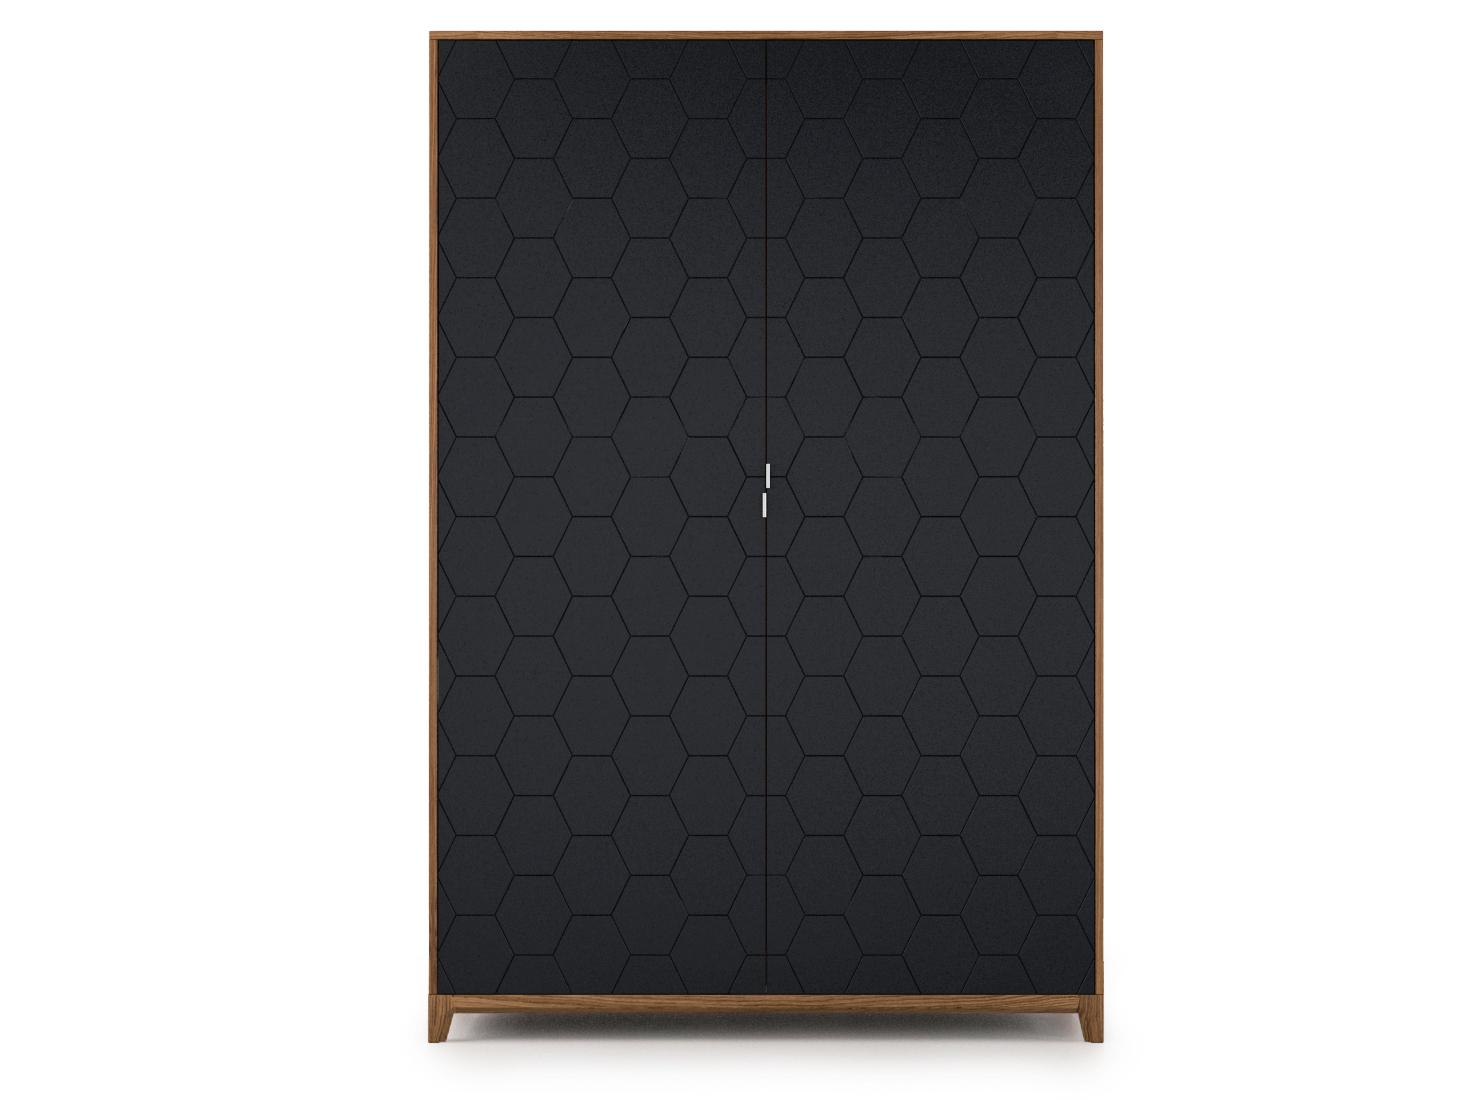 Шкаф CASEПлатяные шкафы<br>Вместительный, прочный и удобный шкаф CASE сочетает в себе продуманную структуру и современный дизайн. <br>Внутри шкафа комфортно расположены полки, выдвижные ящики и штанги для вешалок.<br>Благодаря отсутствию в конструкции лишних элементов и сбалансированной форме шкаф не выглядит массивным, а фасады с объемной фрезеровкой завершают его образ. <br>Шкаф CASE рассчитан на комфортное использование для одного или двух человек.<br><br>Основание выполнено из массива дуба, а корпус – из мдф, что гарантирует прочность и экологичность изделия. Благодаря качественной фурнитуре, вместительные ящики двигаются плавно и бесшумно.  А главная изюминка коллекции - это фасады с объемной фрезеровкой, цвет и дизайн которых вы можете выбрать сами. <br>Шкаф CASE доступен в 5 вариантах отделки и 15 цветах эмали.<br><br>Material: МДФ<br>Ширина см: 140<br>Высота см: 210<br>Глубина см: 60